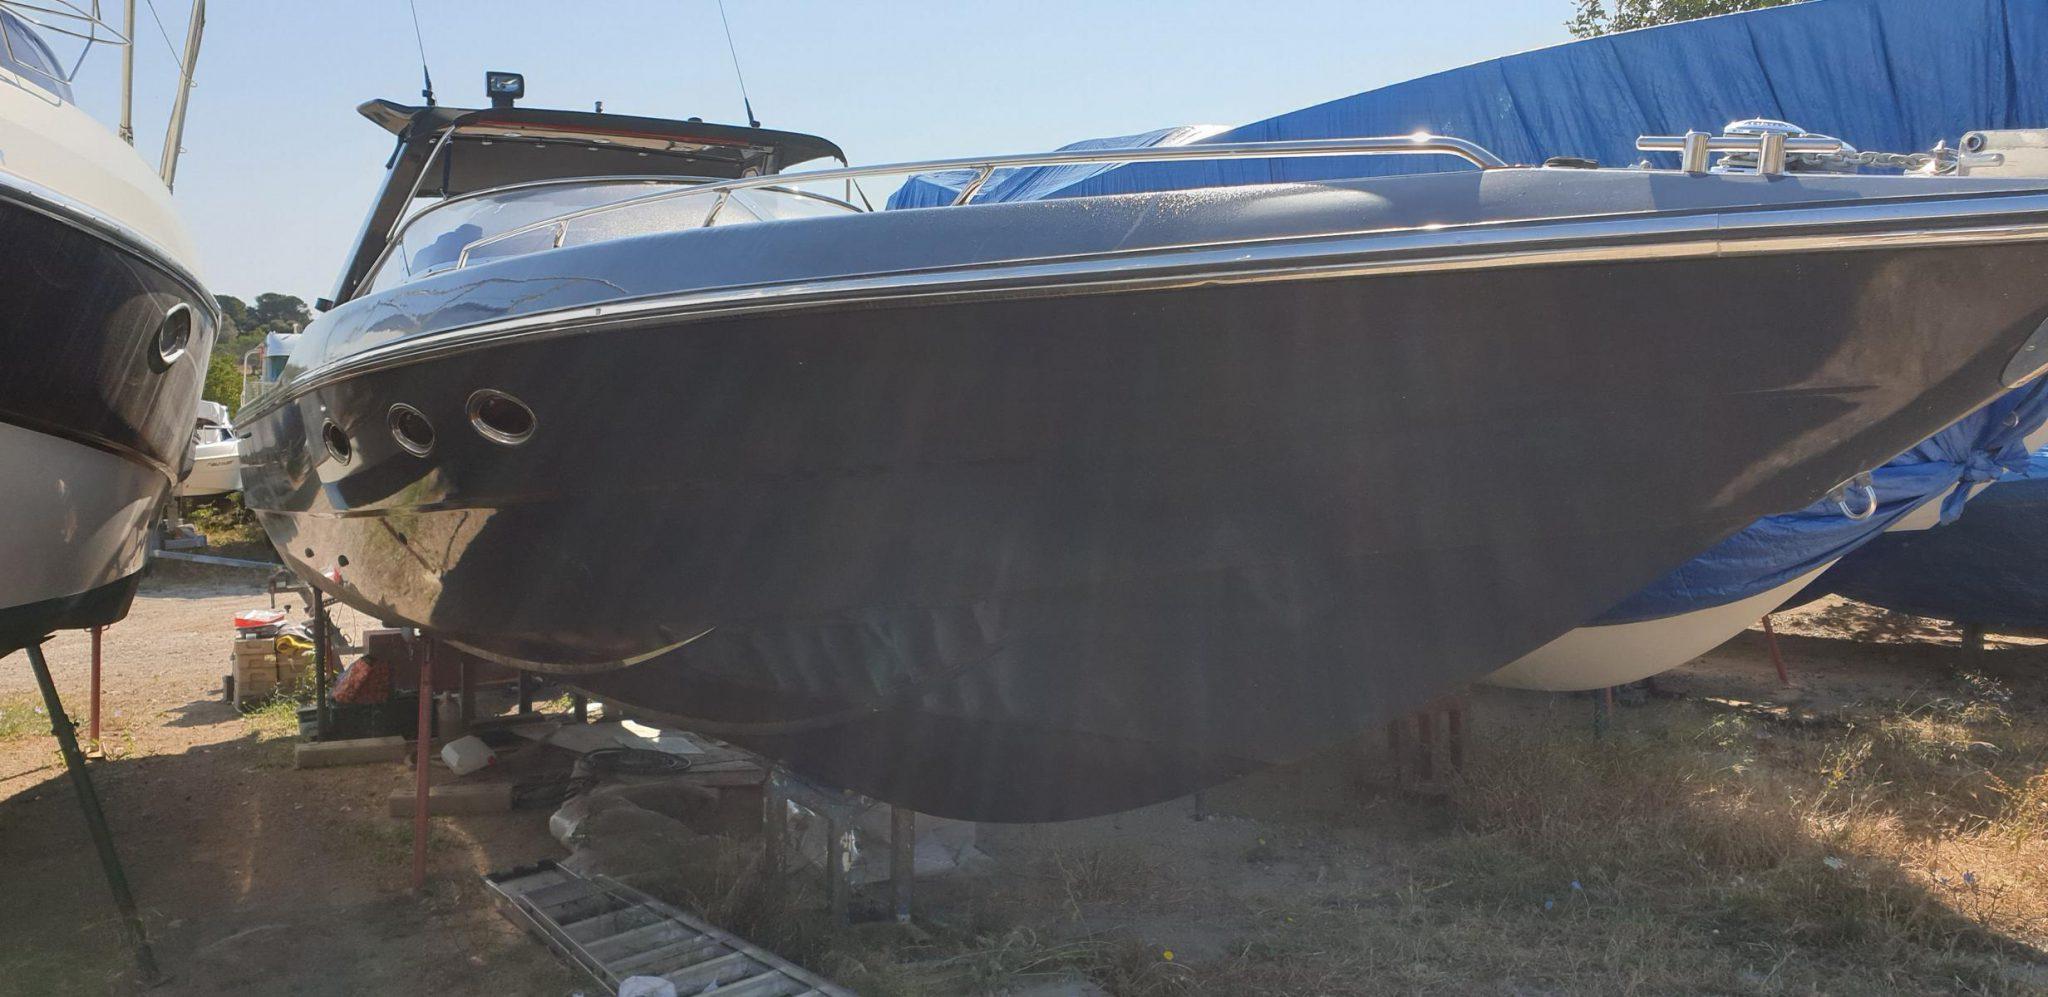 Star Boat Sunseeker Tomahawk 37-3